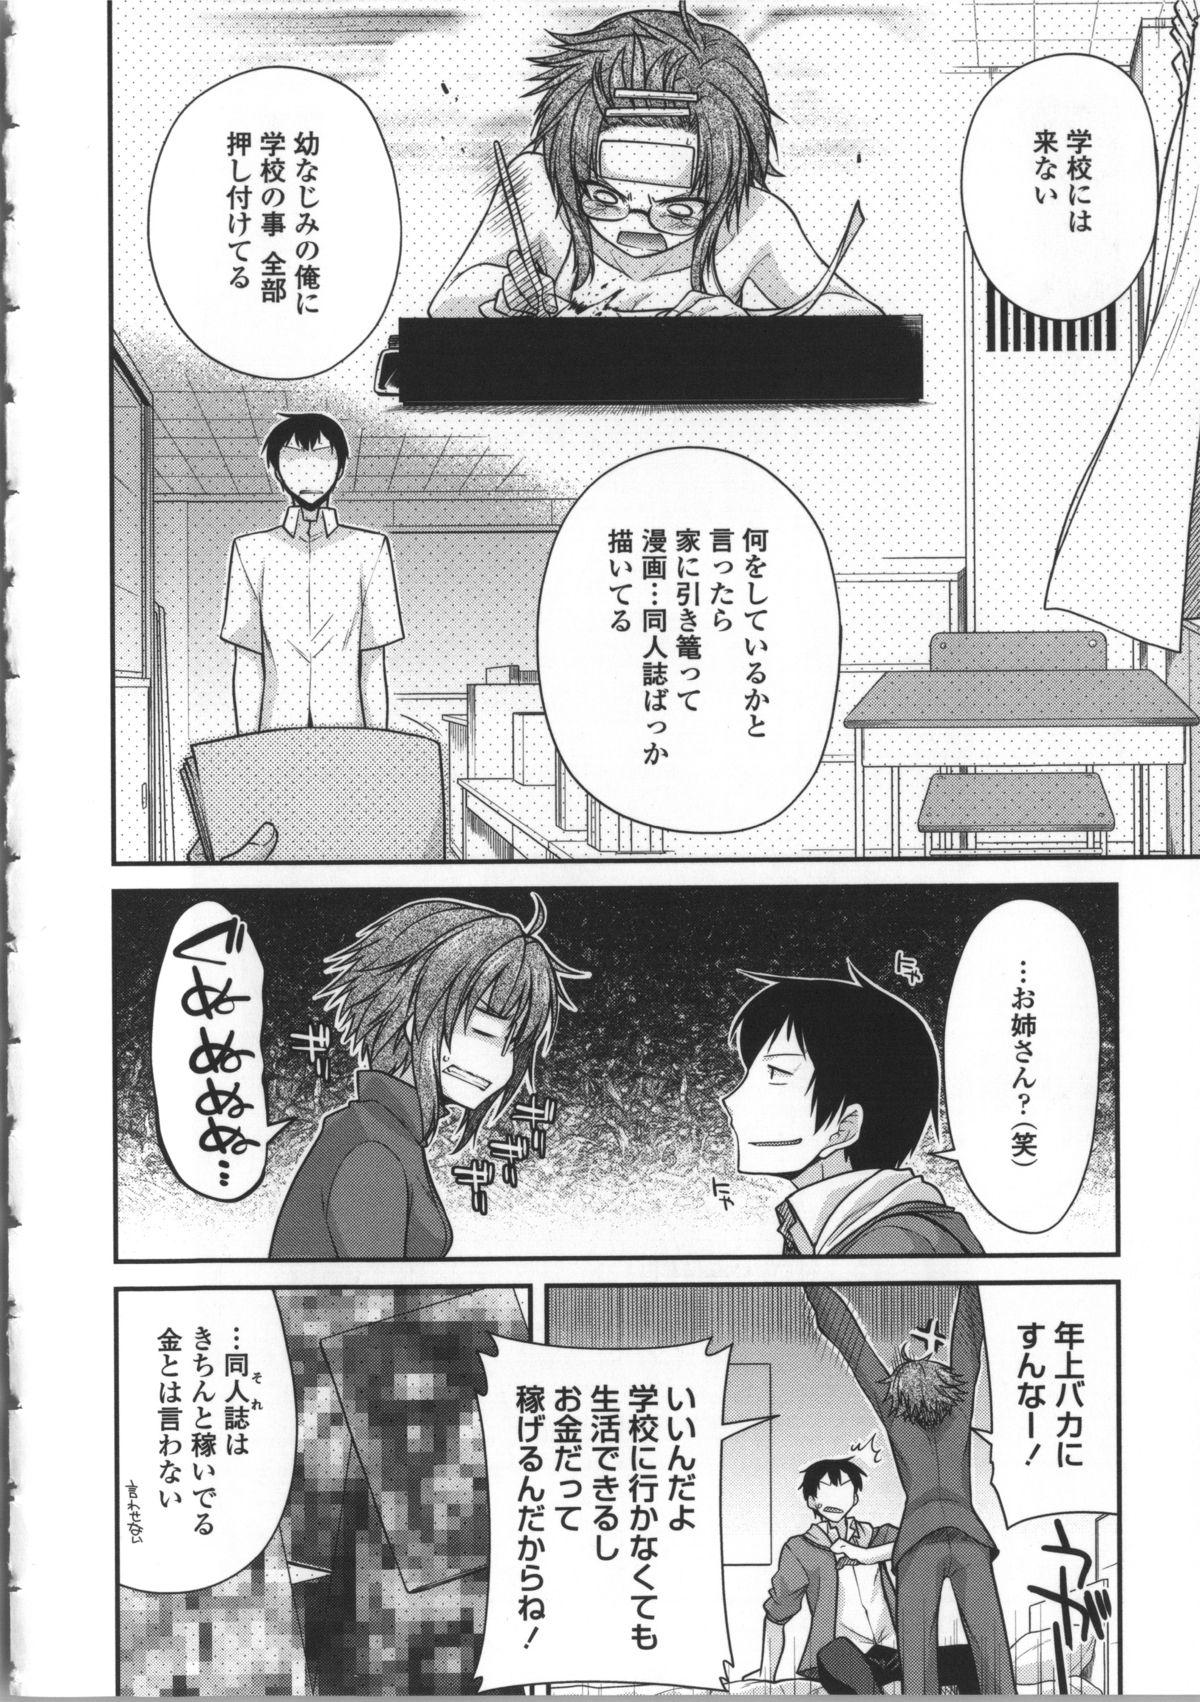 Yamato Nadeshiko Breast Changes 91